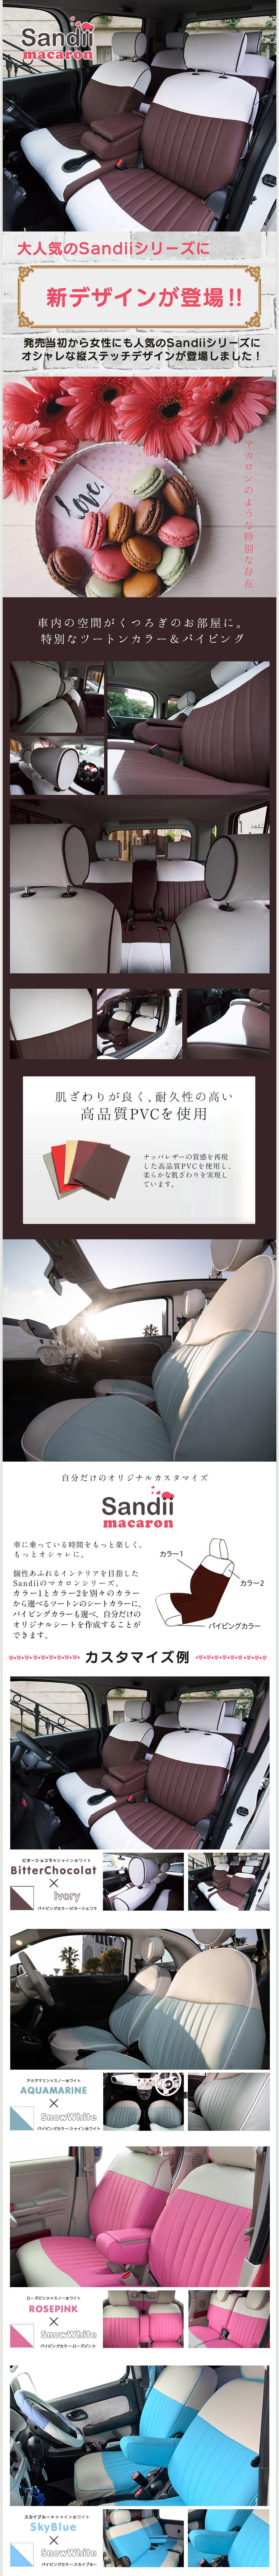 大人気のSandiiシリーズに新デザインが登場!!発売当初から女性にも人気のSandiiシリーズにオシャレな縦ステッチデザインが登場しました!マカロンのような特別な存在 車内の空間がくつろぎのお部屋に。特別なツートンカラー&パイピング 肌ざわりが良く、耐久性の高い高級PVCを使用